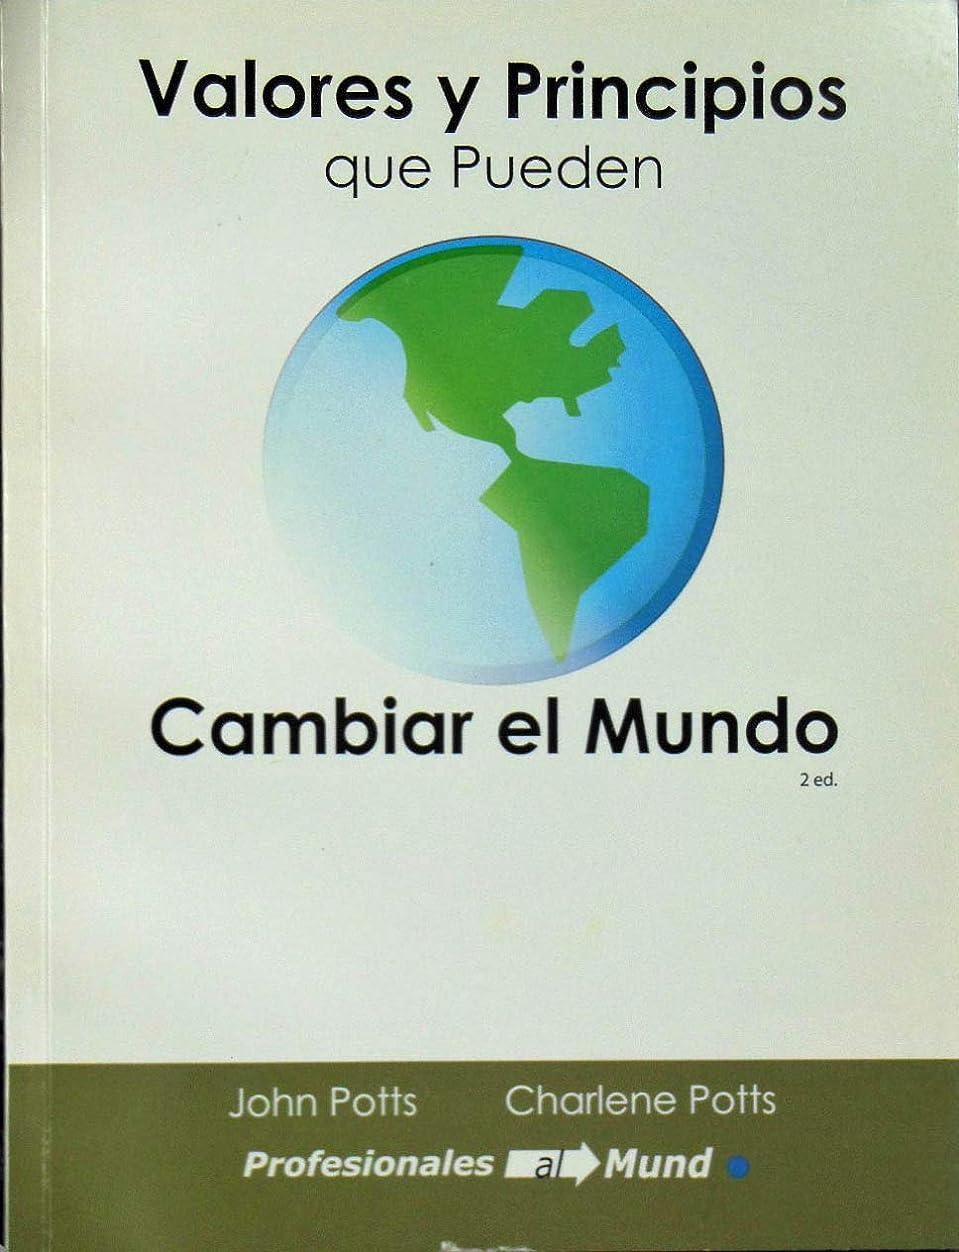 トレーダー入植者仮装Valores y Principios que Pueden Cambiar el Mundo (Spanish Edition)